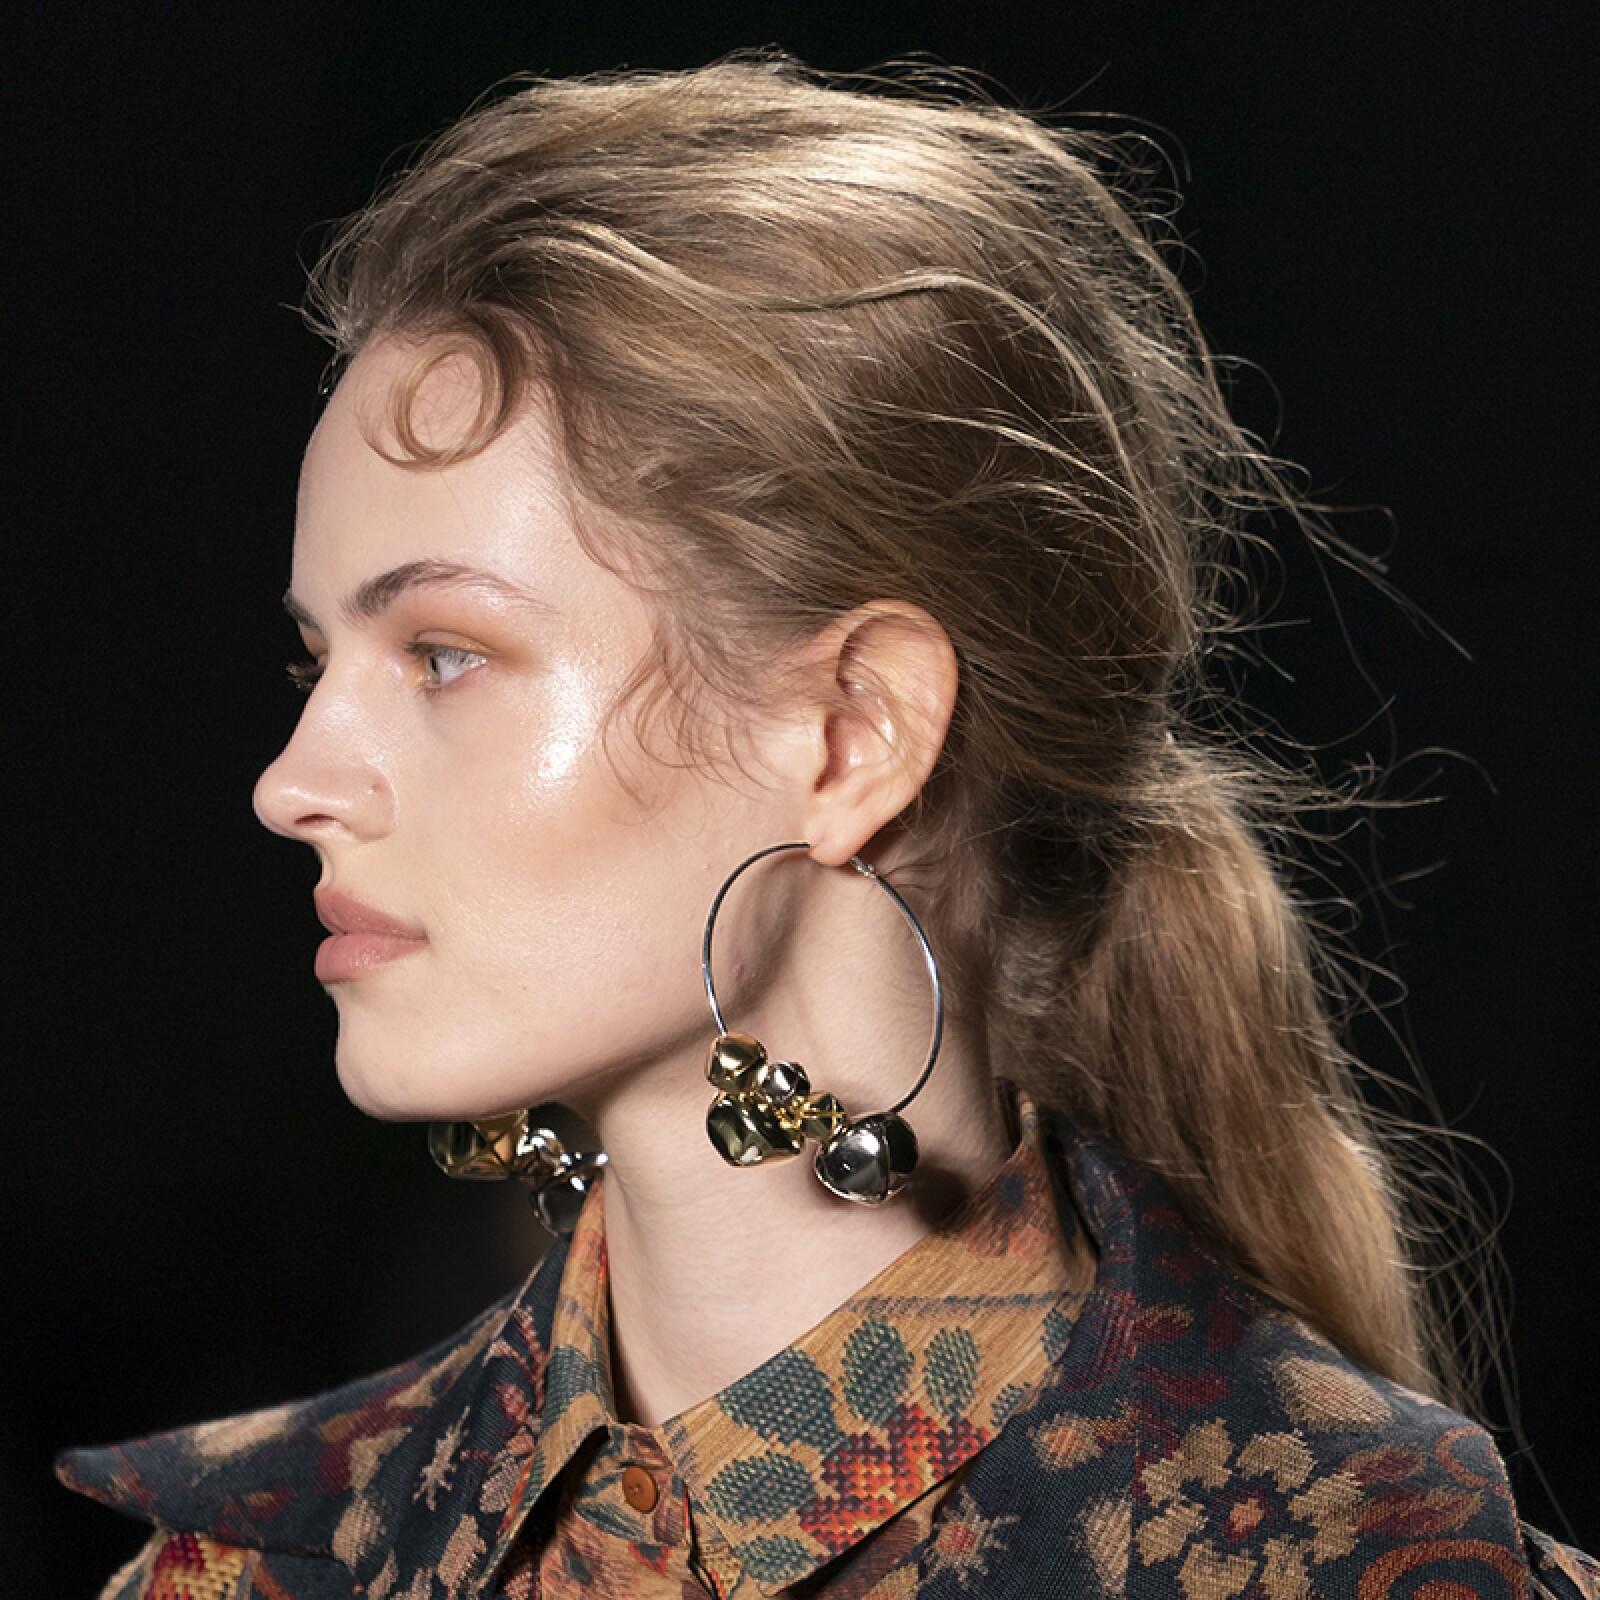 lfw-fashion-week-runway-beauty-looks-maquillaje-preen